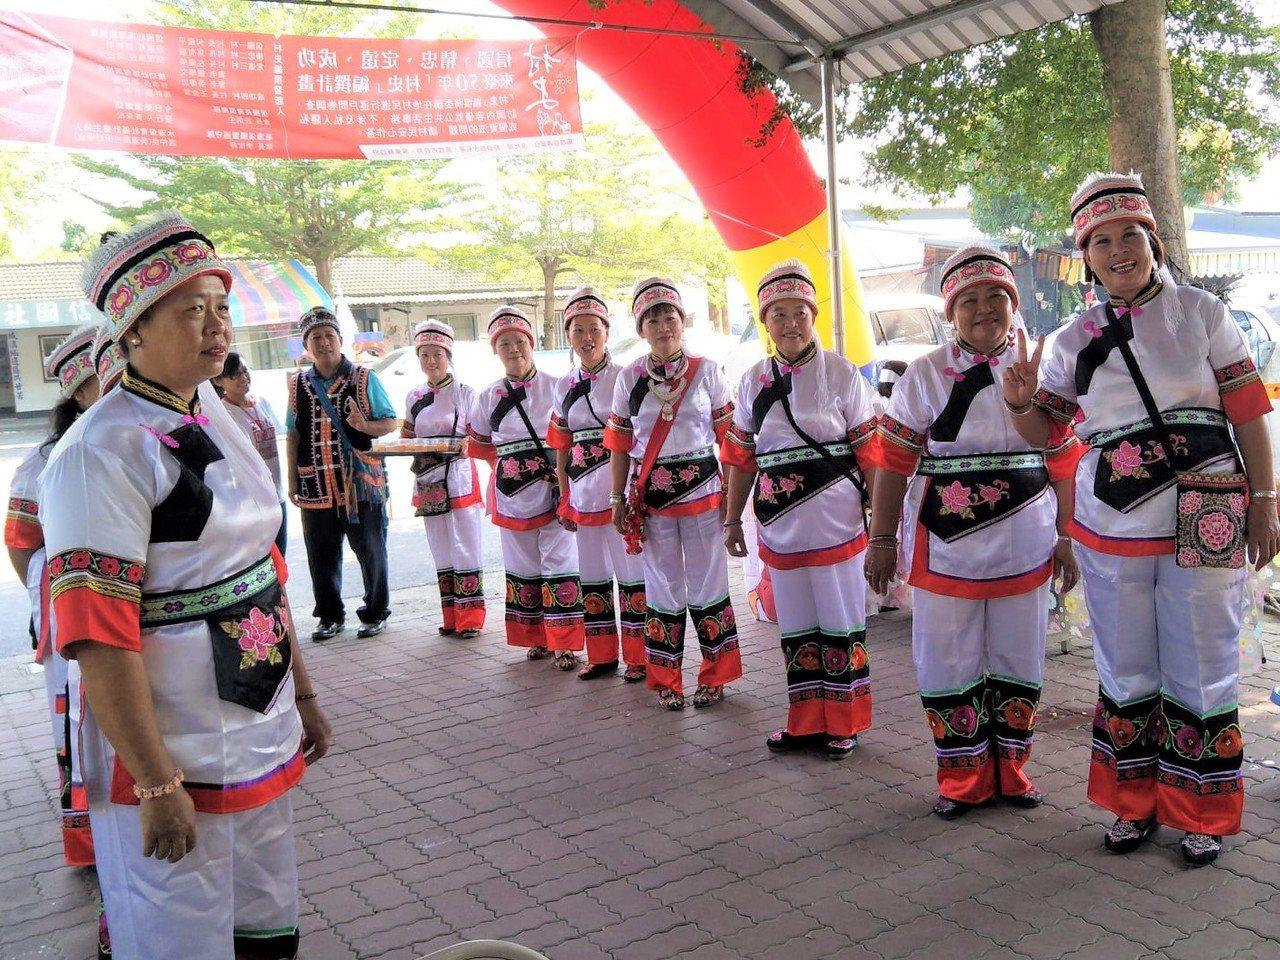 屏東縣里港鄉信國社區是全縣唯一的滇緬聚落,迄今仍有少數民族居住在此,在產業活動中...